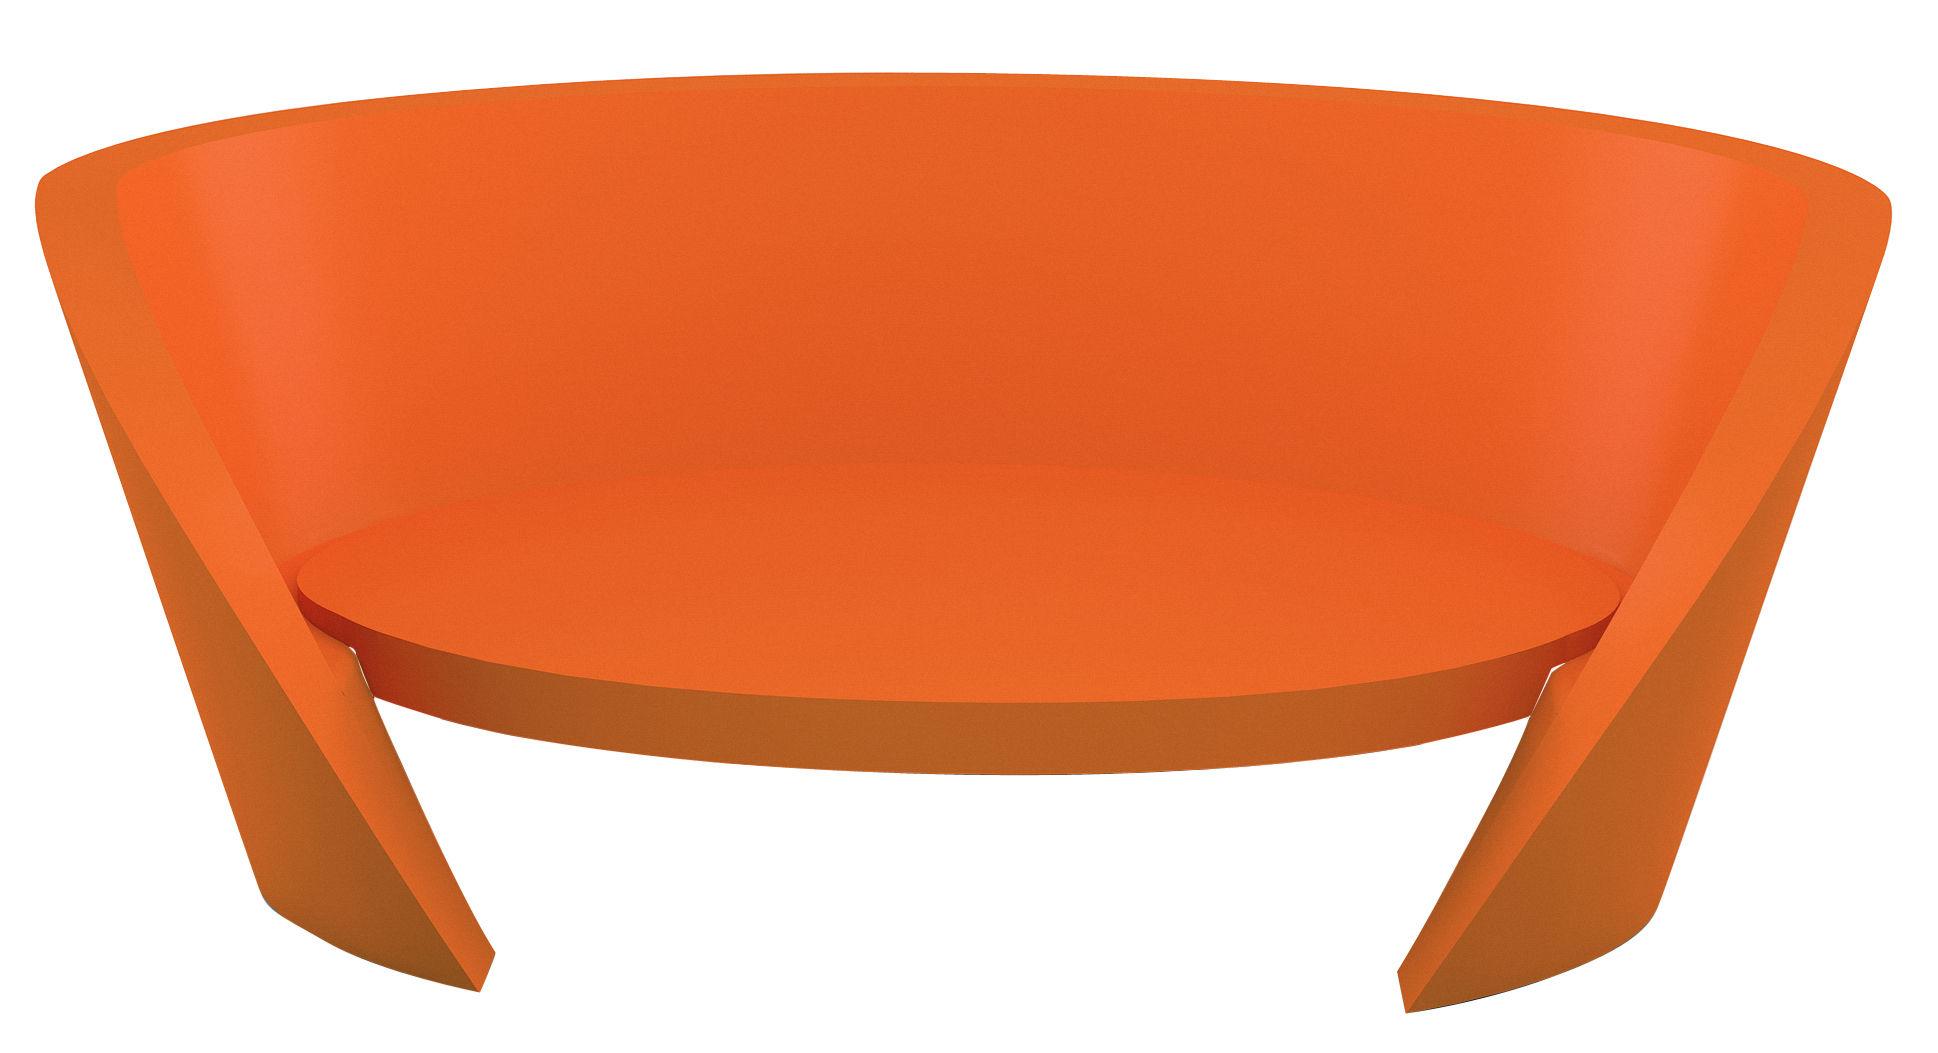 canap rap l 170 cm orange slide. Black Bedroom Furniture Sets. Home Design Ideas